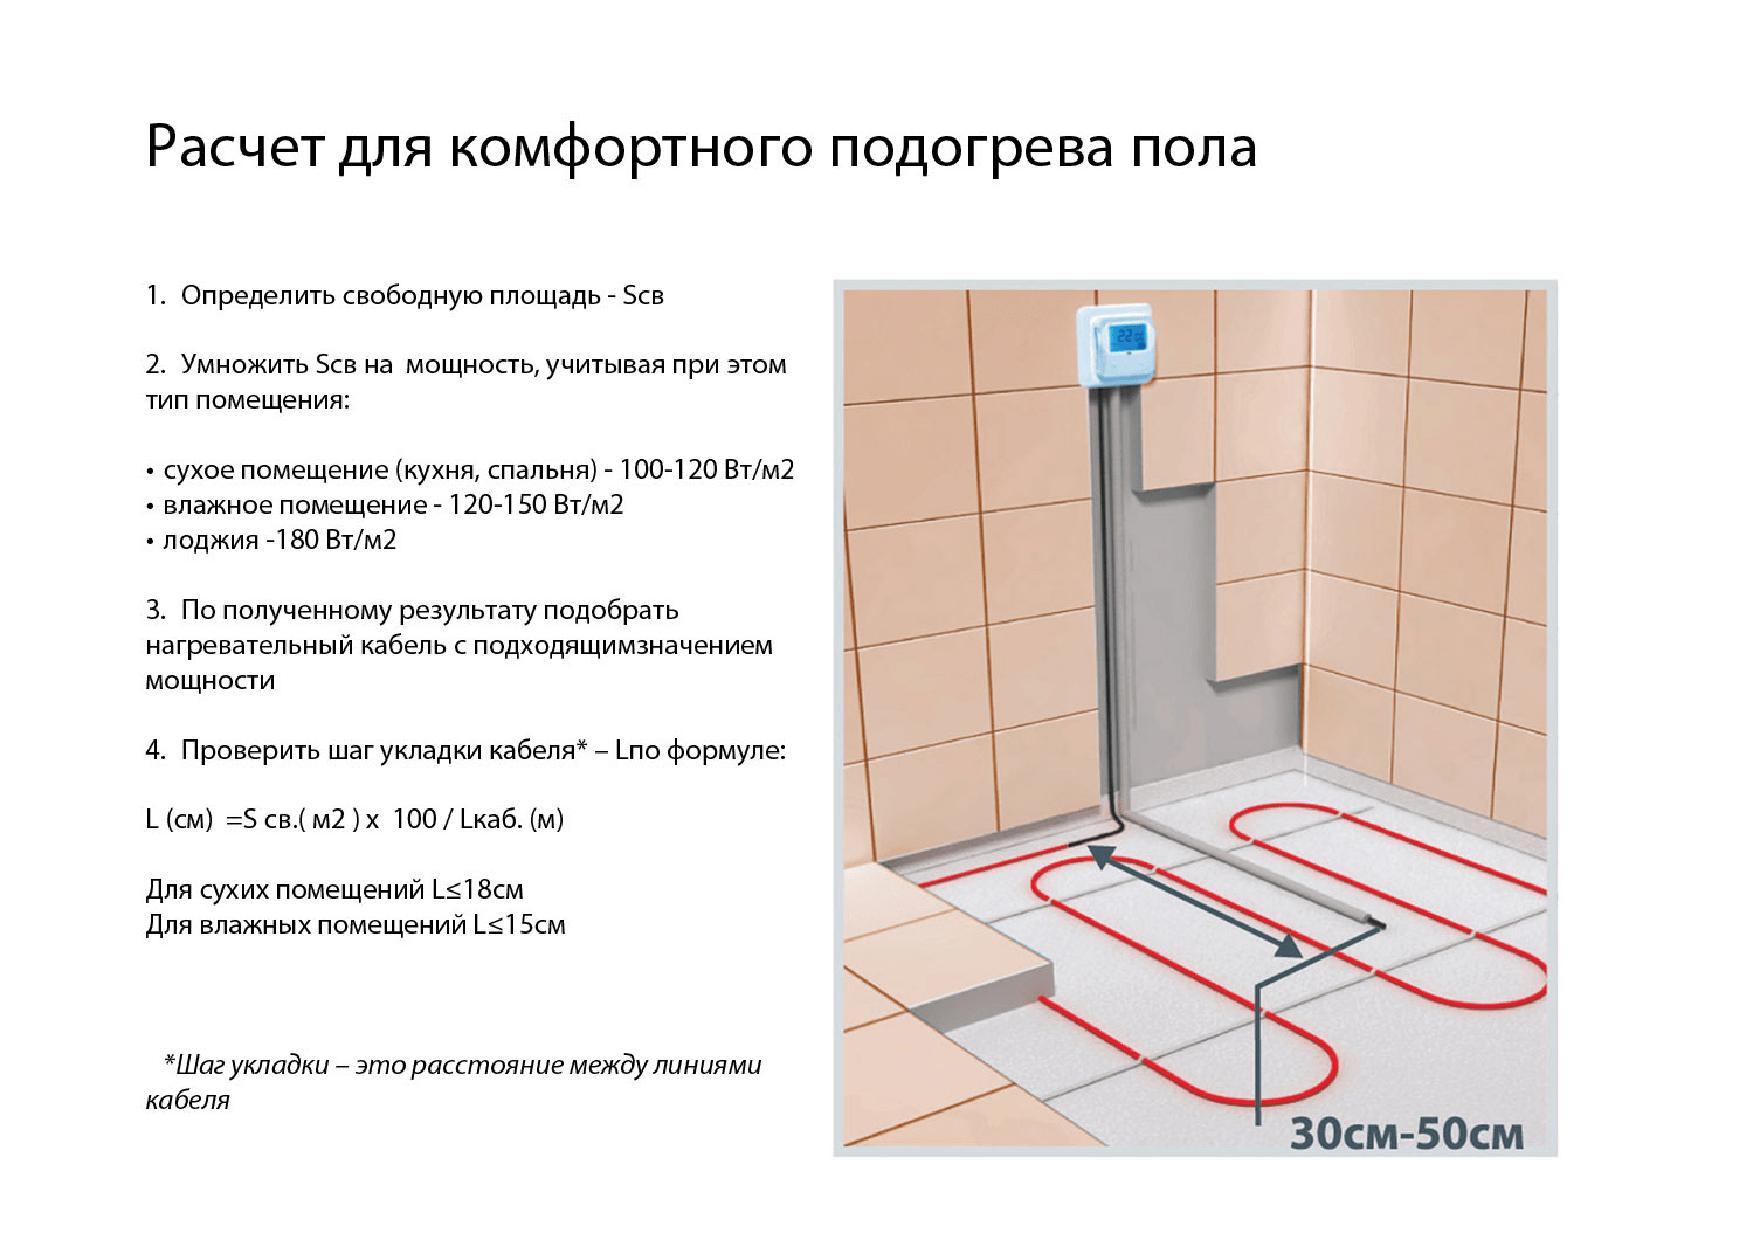 Raschet-dlya-komfortnogo-podogreva-pola